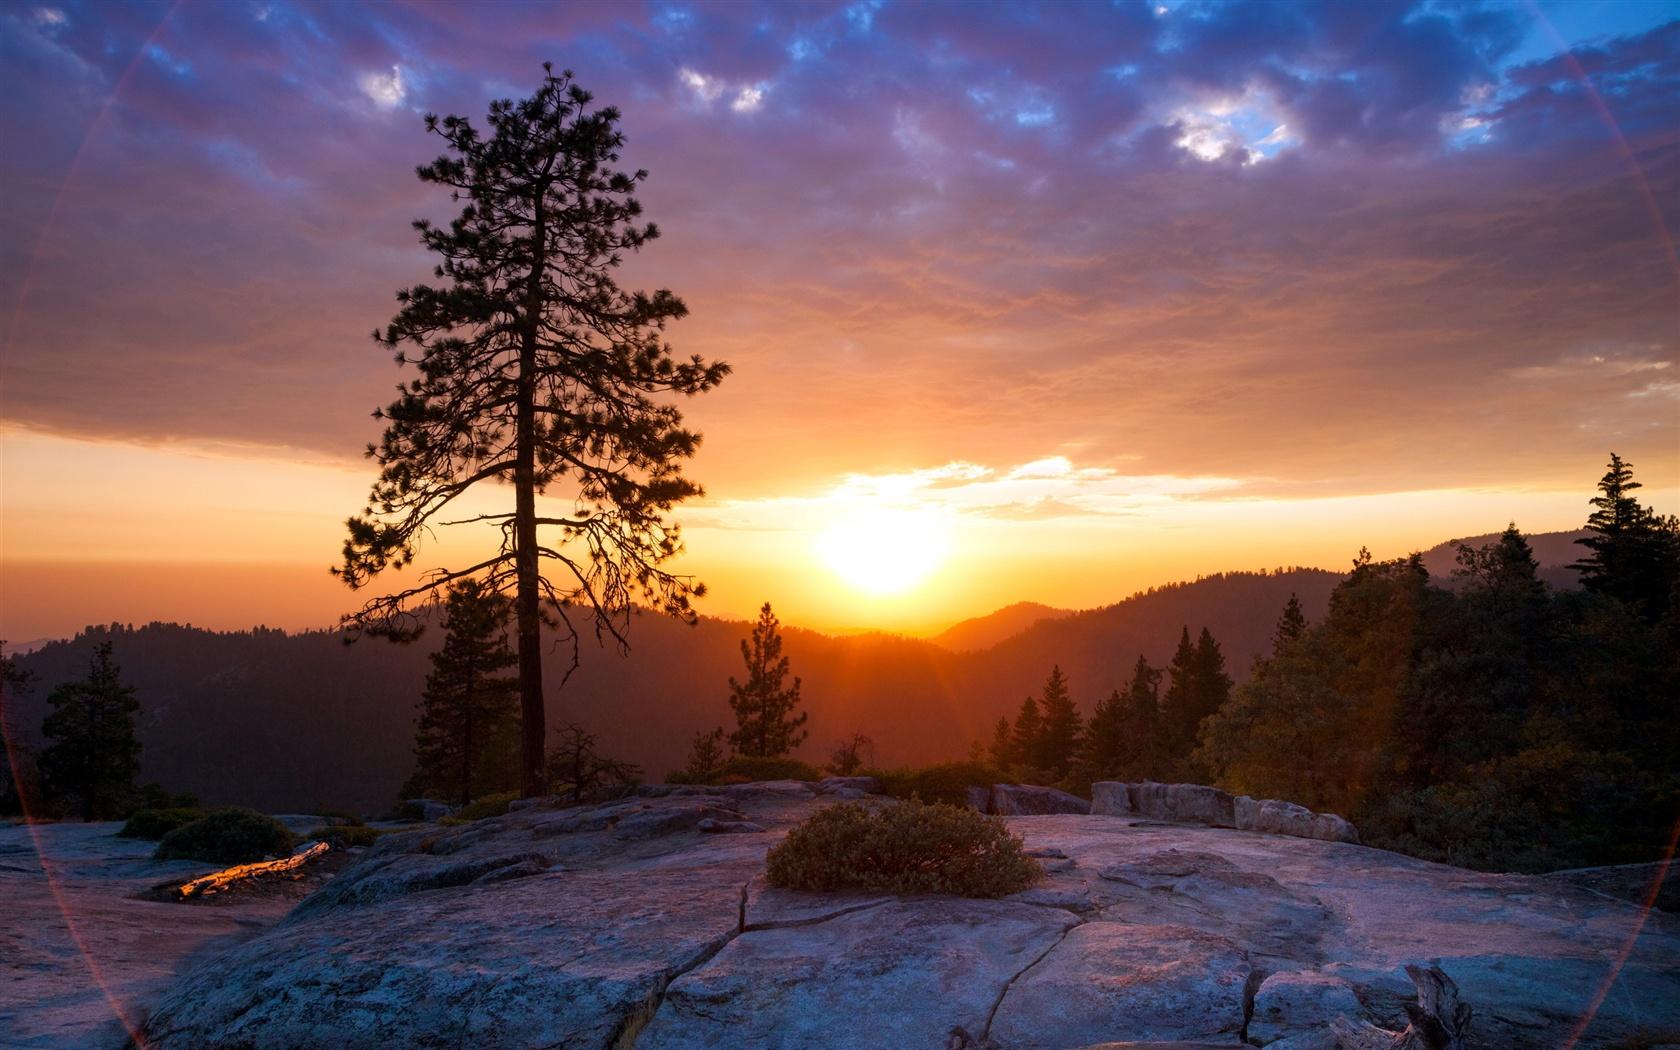 灭霸坐在山上看日出_灭霸看日出剧照_灭霸看日出图片_灭霸看太阳_飞行网